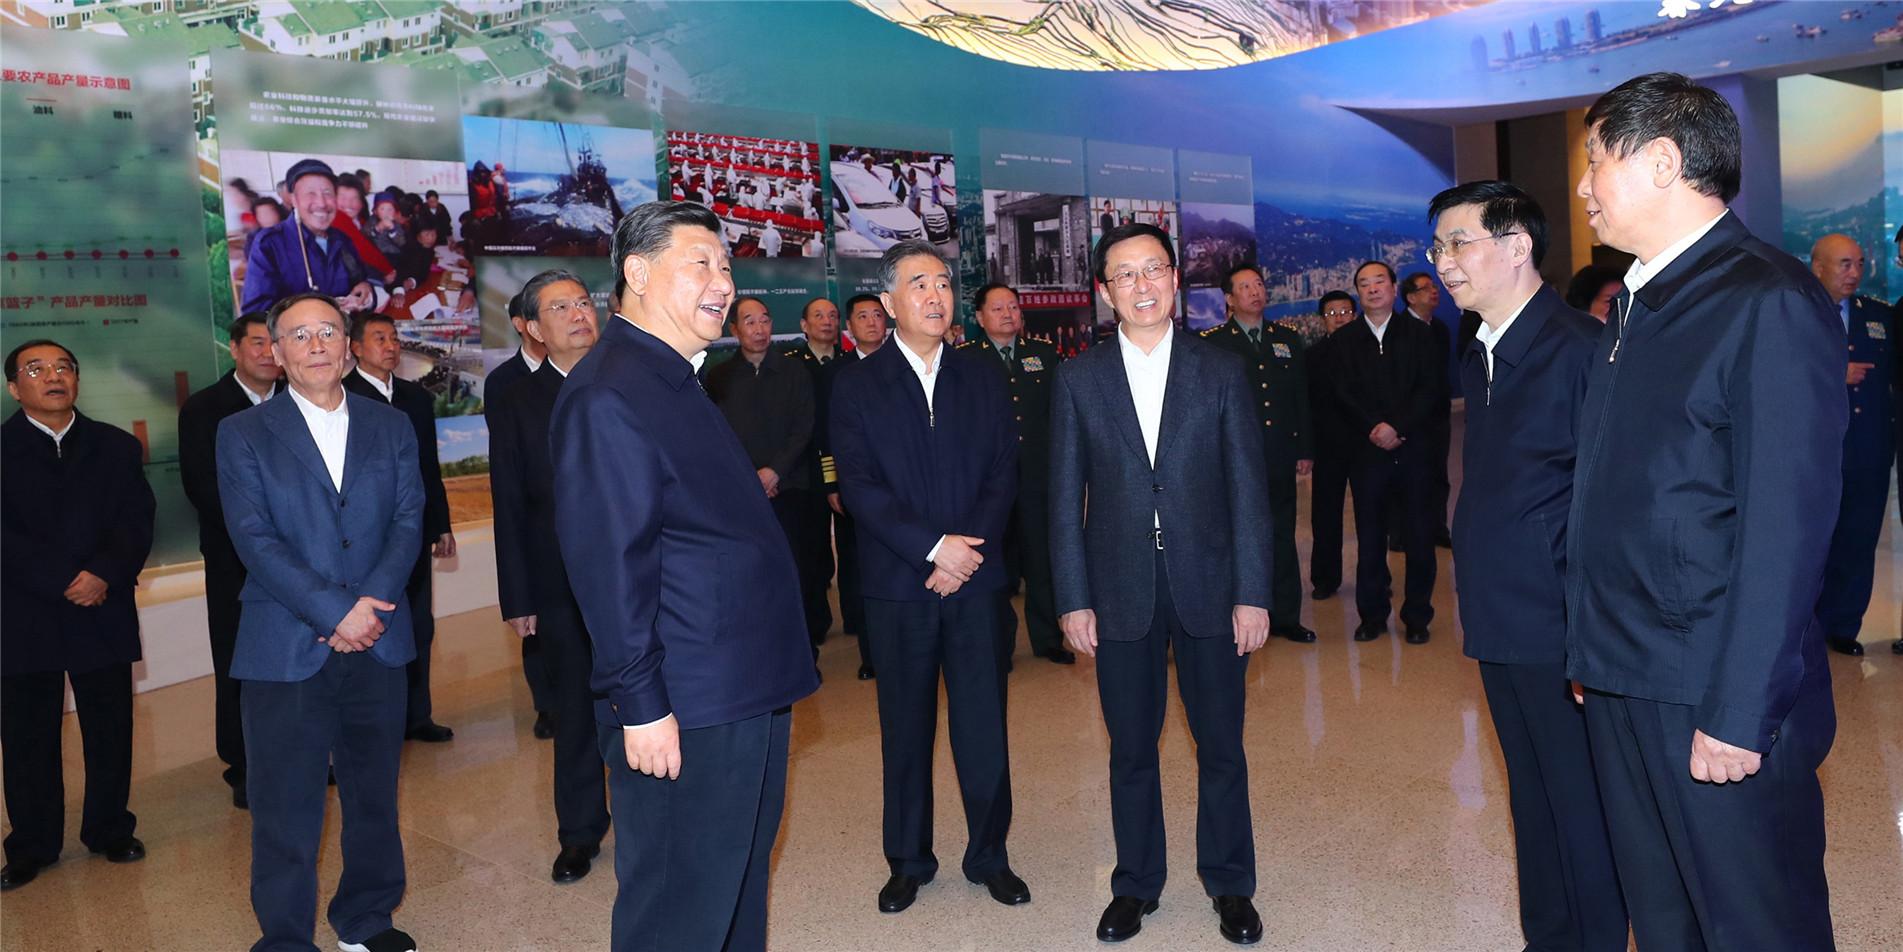 中国特征社会主义肯定会迎来越发优美的来日诰日。